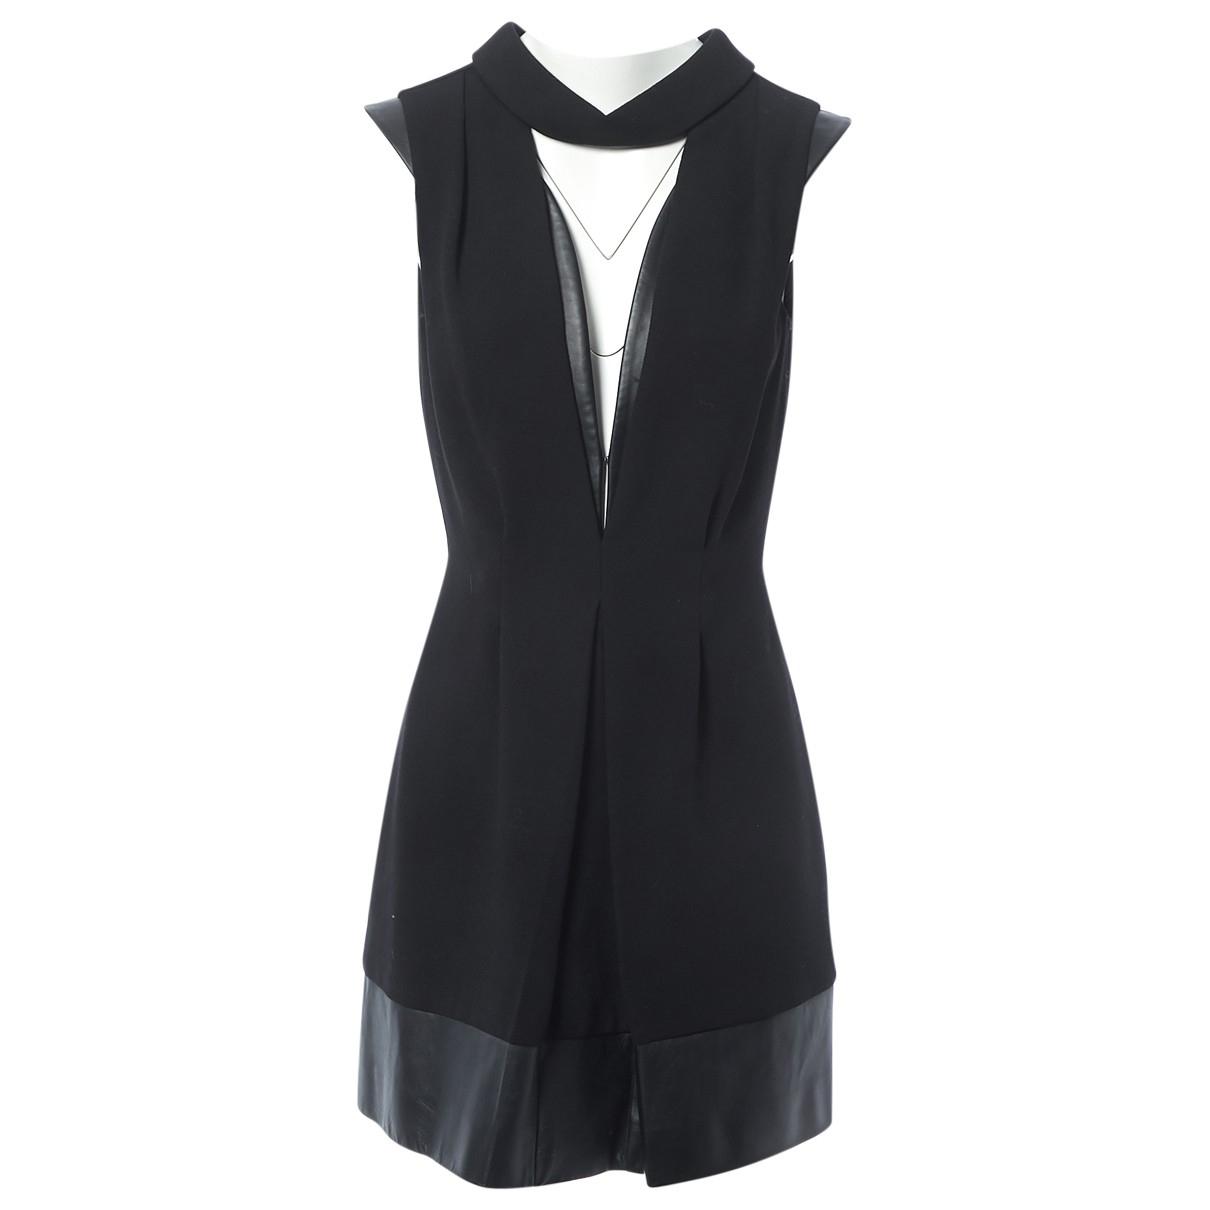 Christopher Kane \N Black Wool dress for Women 10 UK